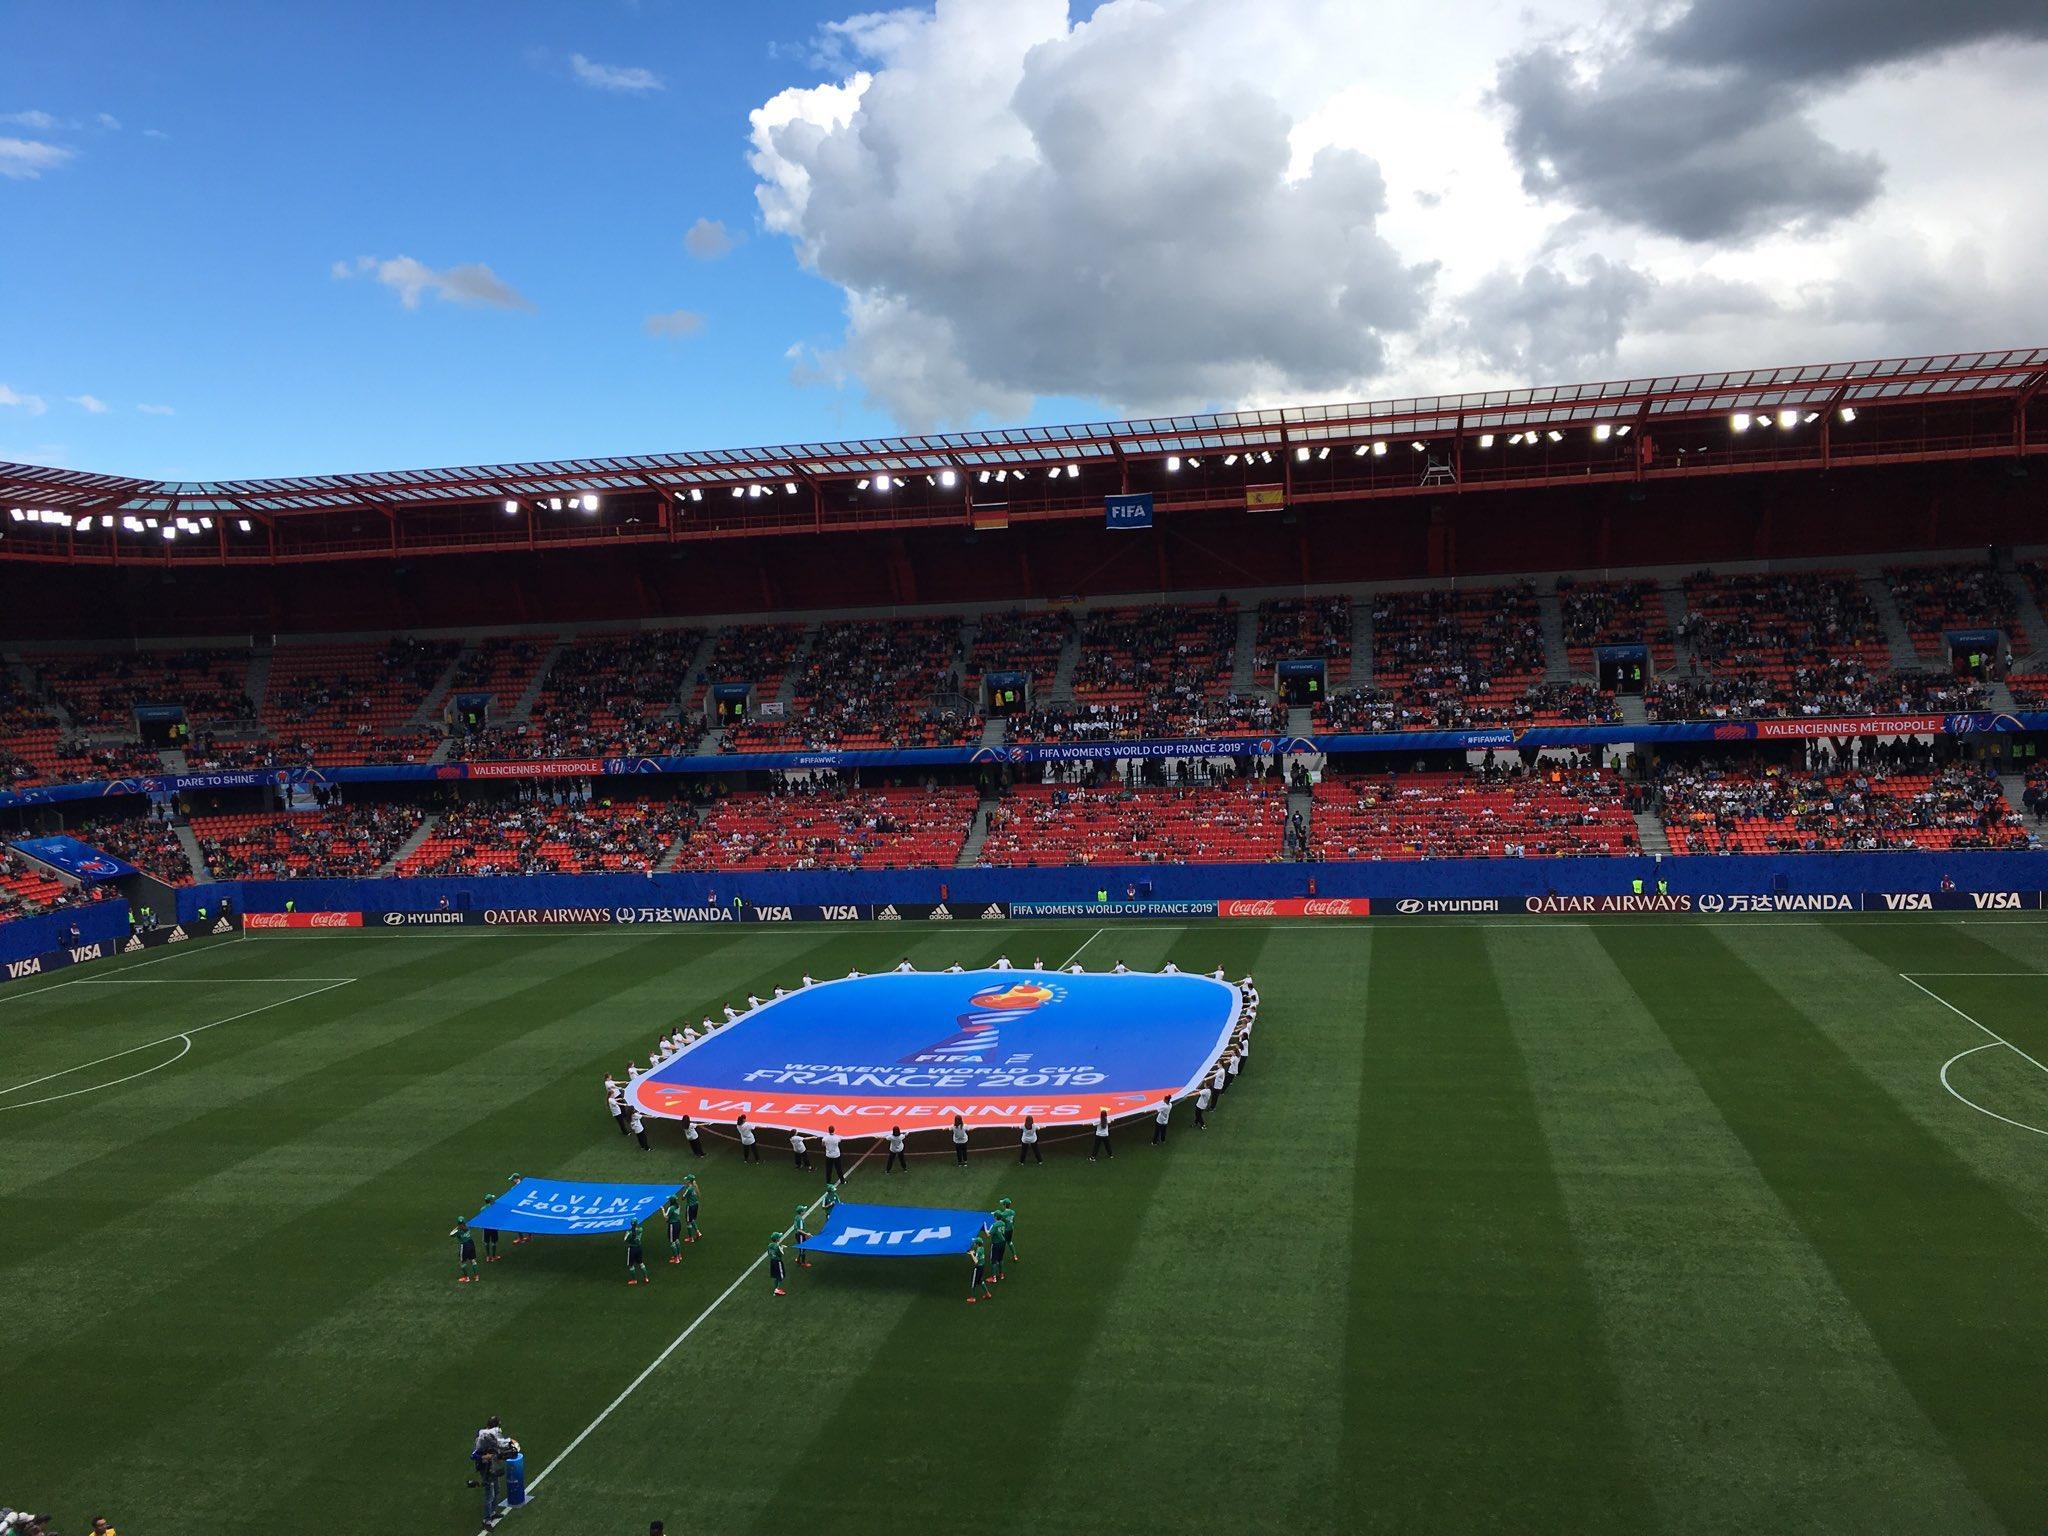 Coupe Du Monde Feminine 2019 Calendrier Stade.Coupe Du Monde Feminine 2019 Des Guichets Fermes Qui